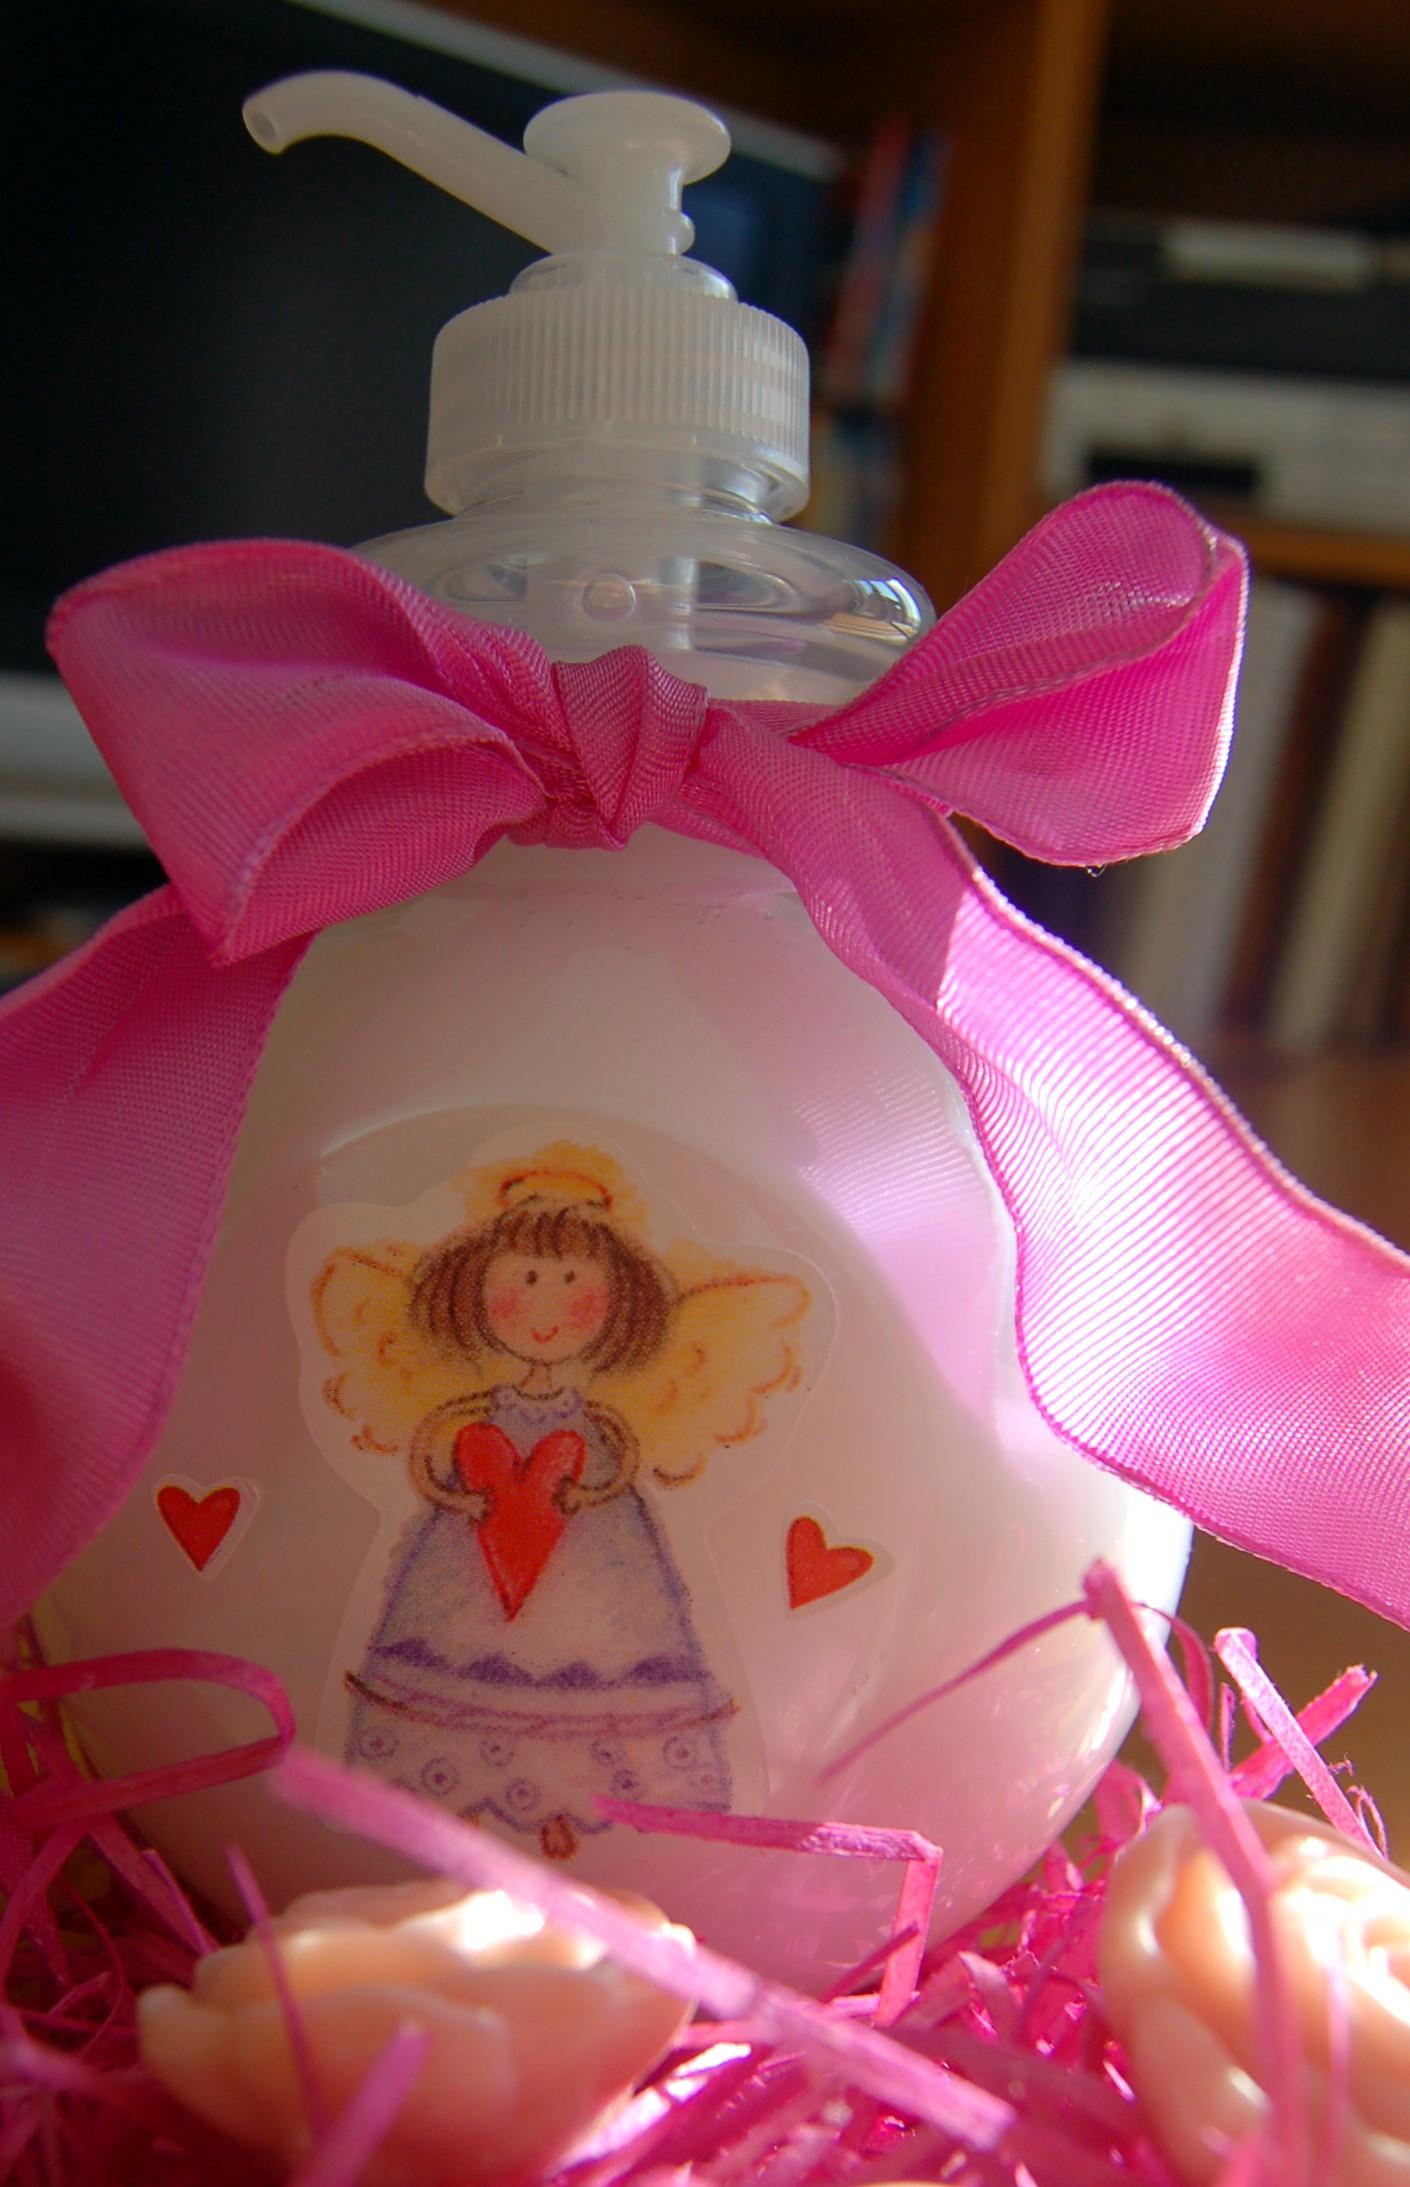 San Valentino idee regalo fai da te Heart Soap